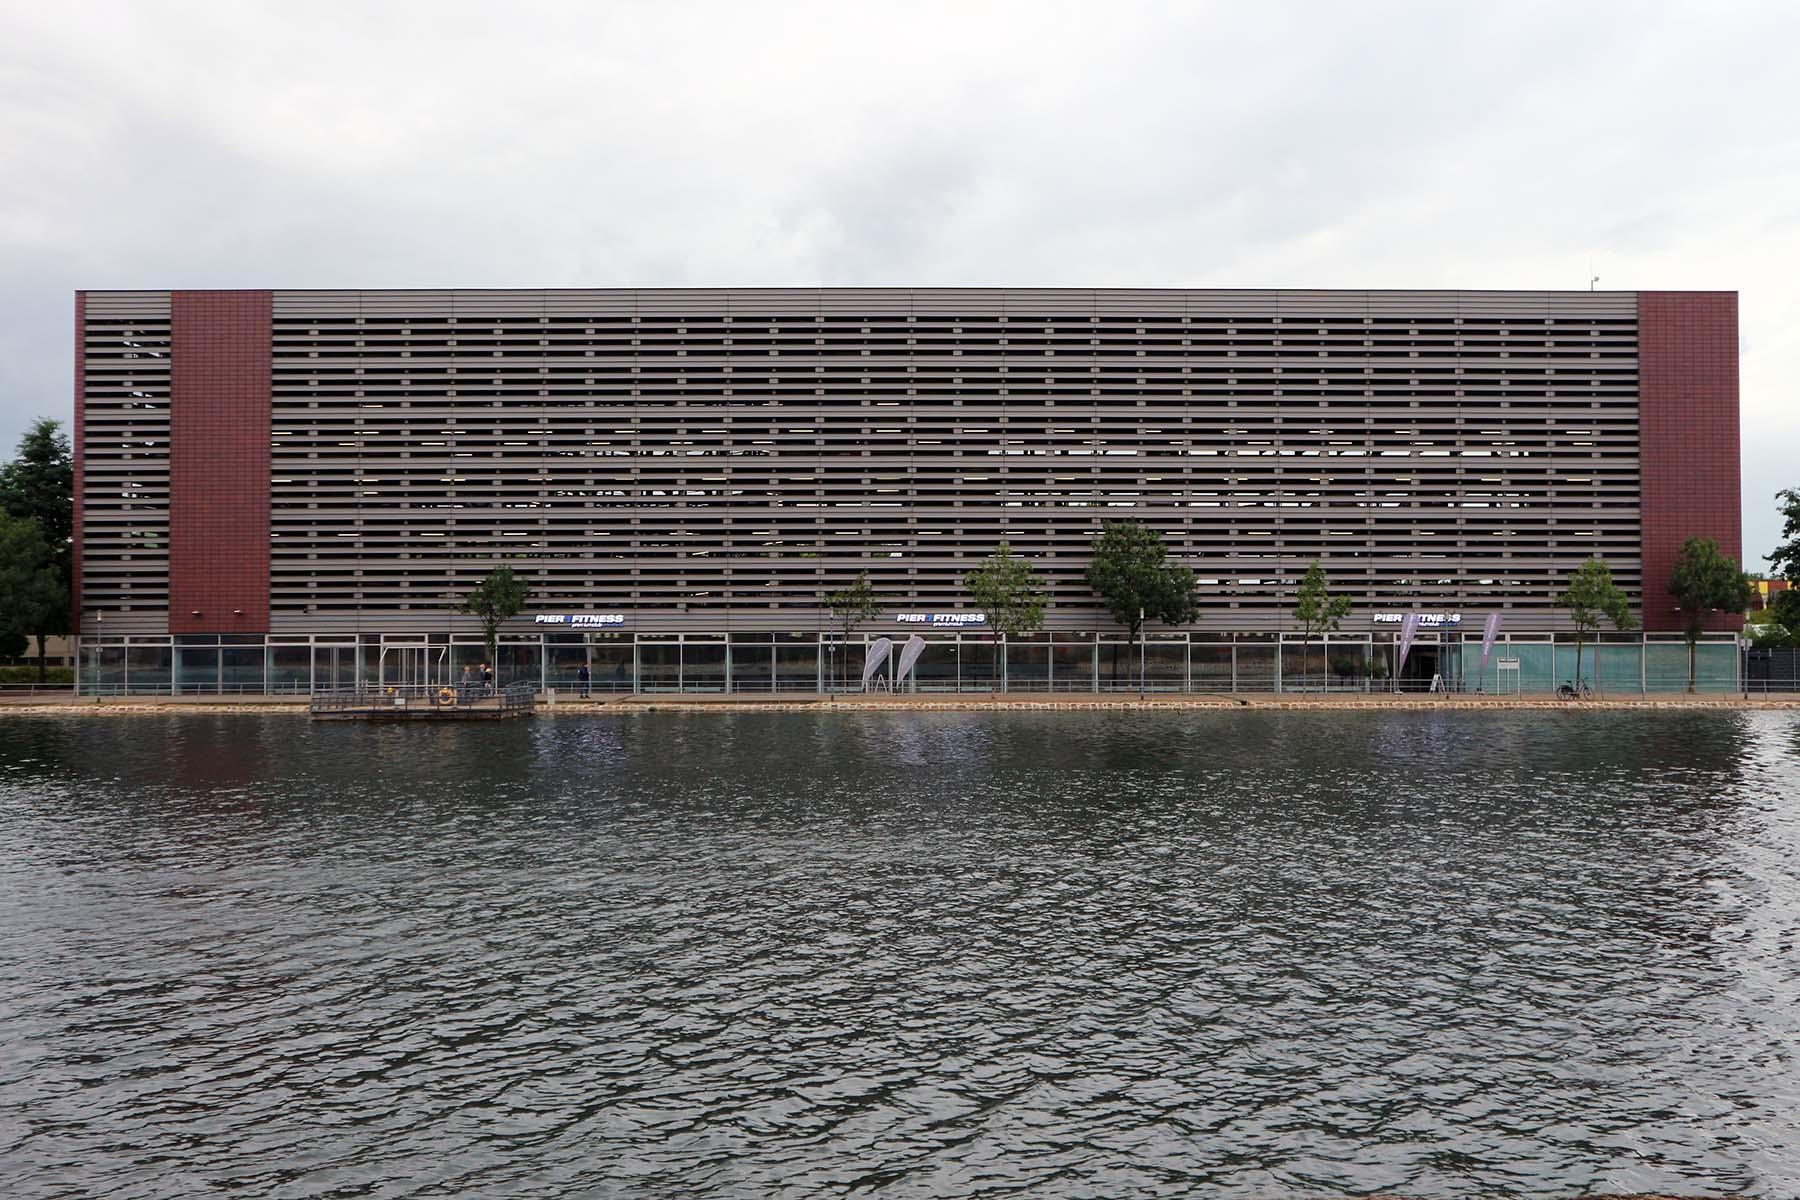 Pier Eins. von Reichel + Stauth, Fertigstellung 2007, Servicegebäude mit Parkhaus